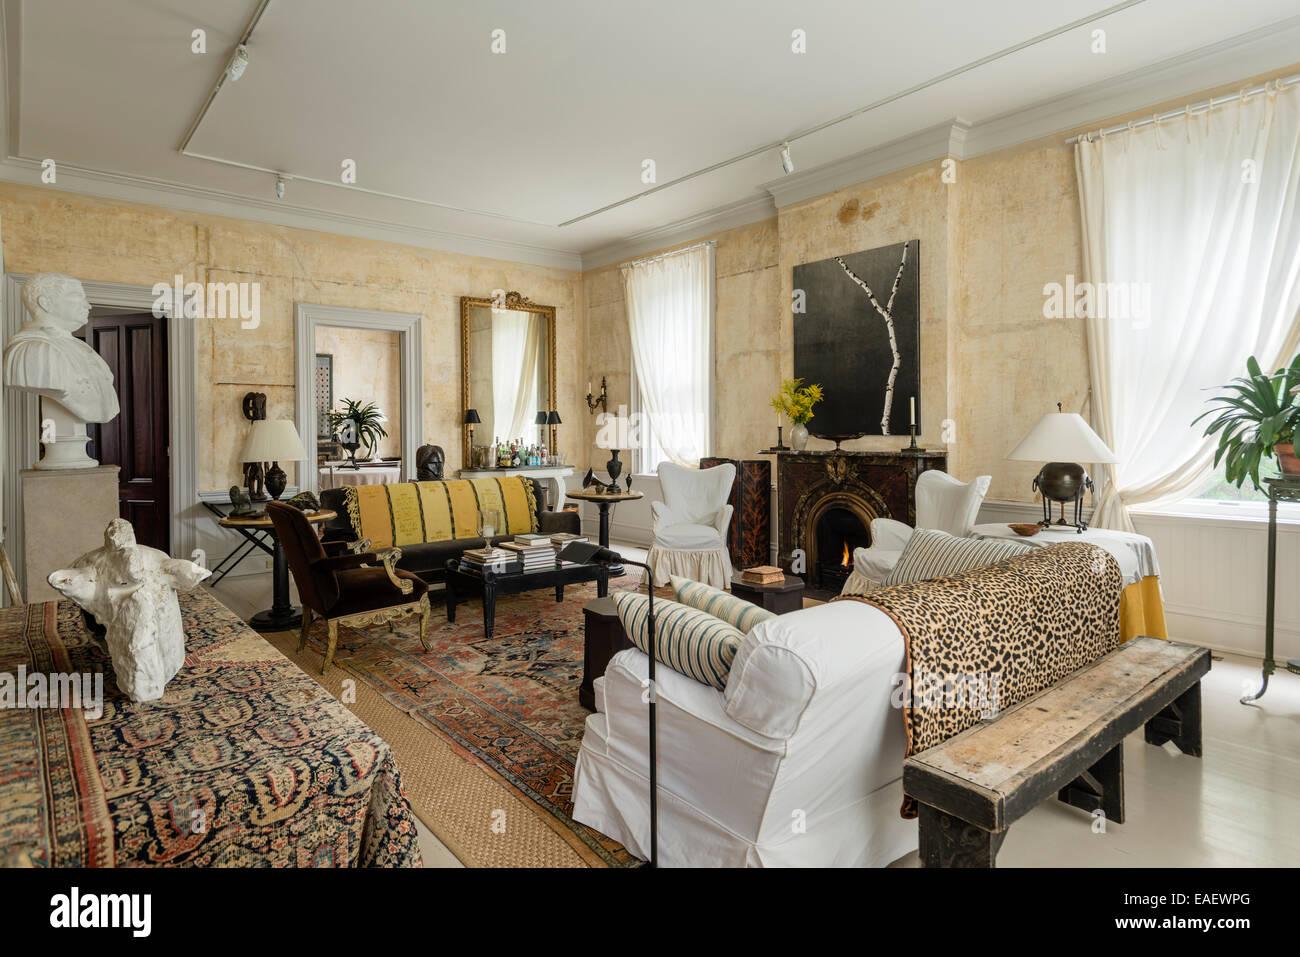 Ampio soggiorno con camino originale e arredate con un mix eclettico di mobili e artwork Immagini Stock